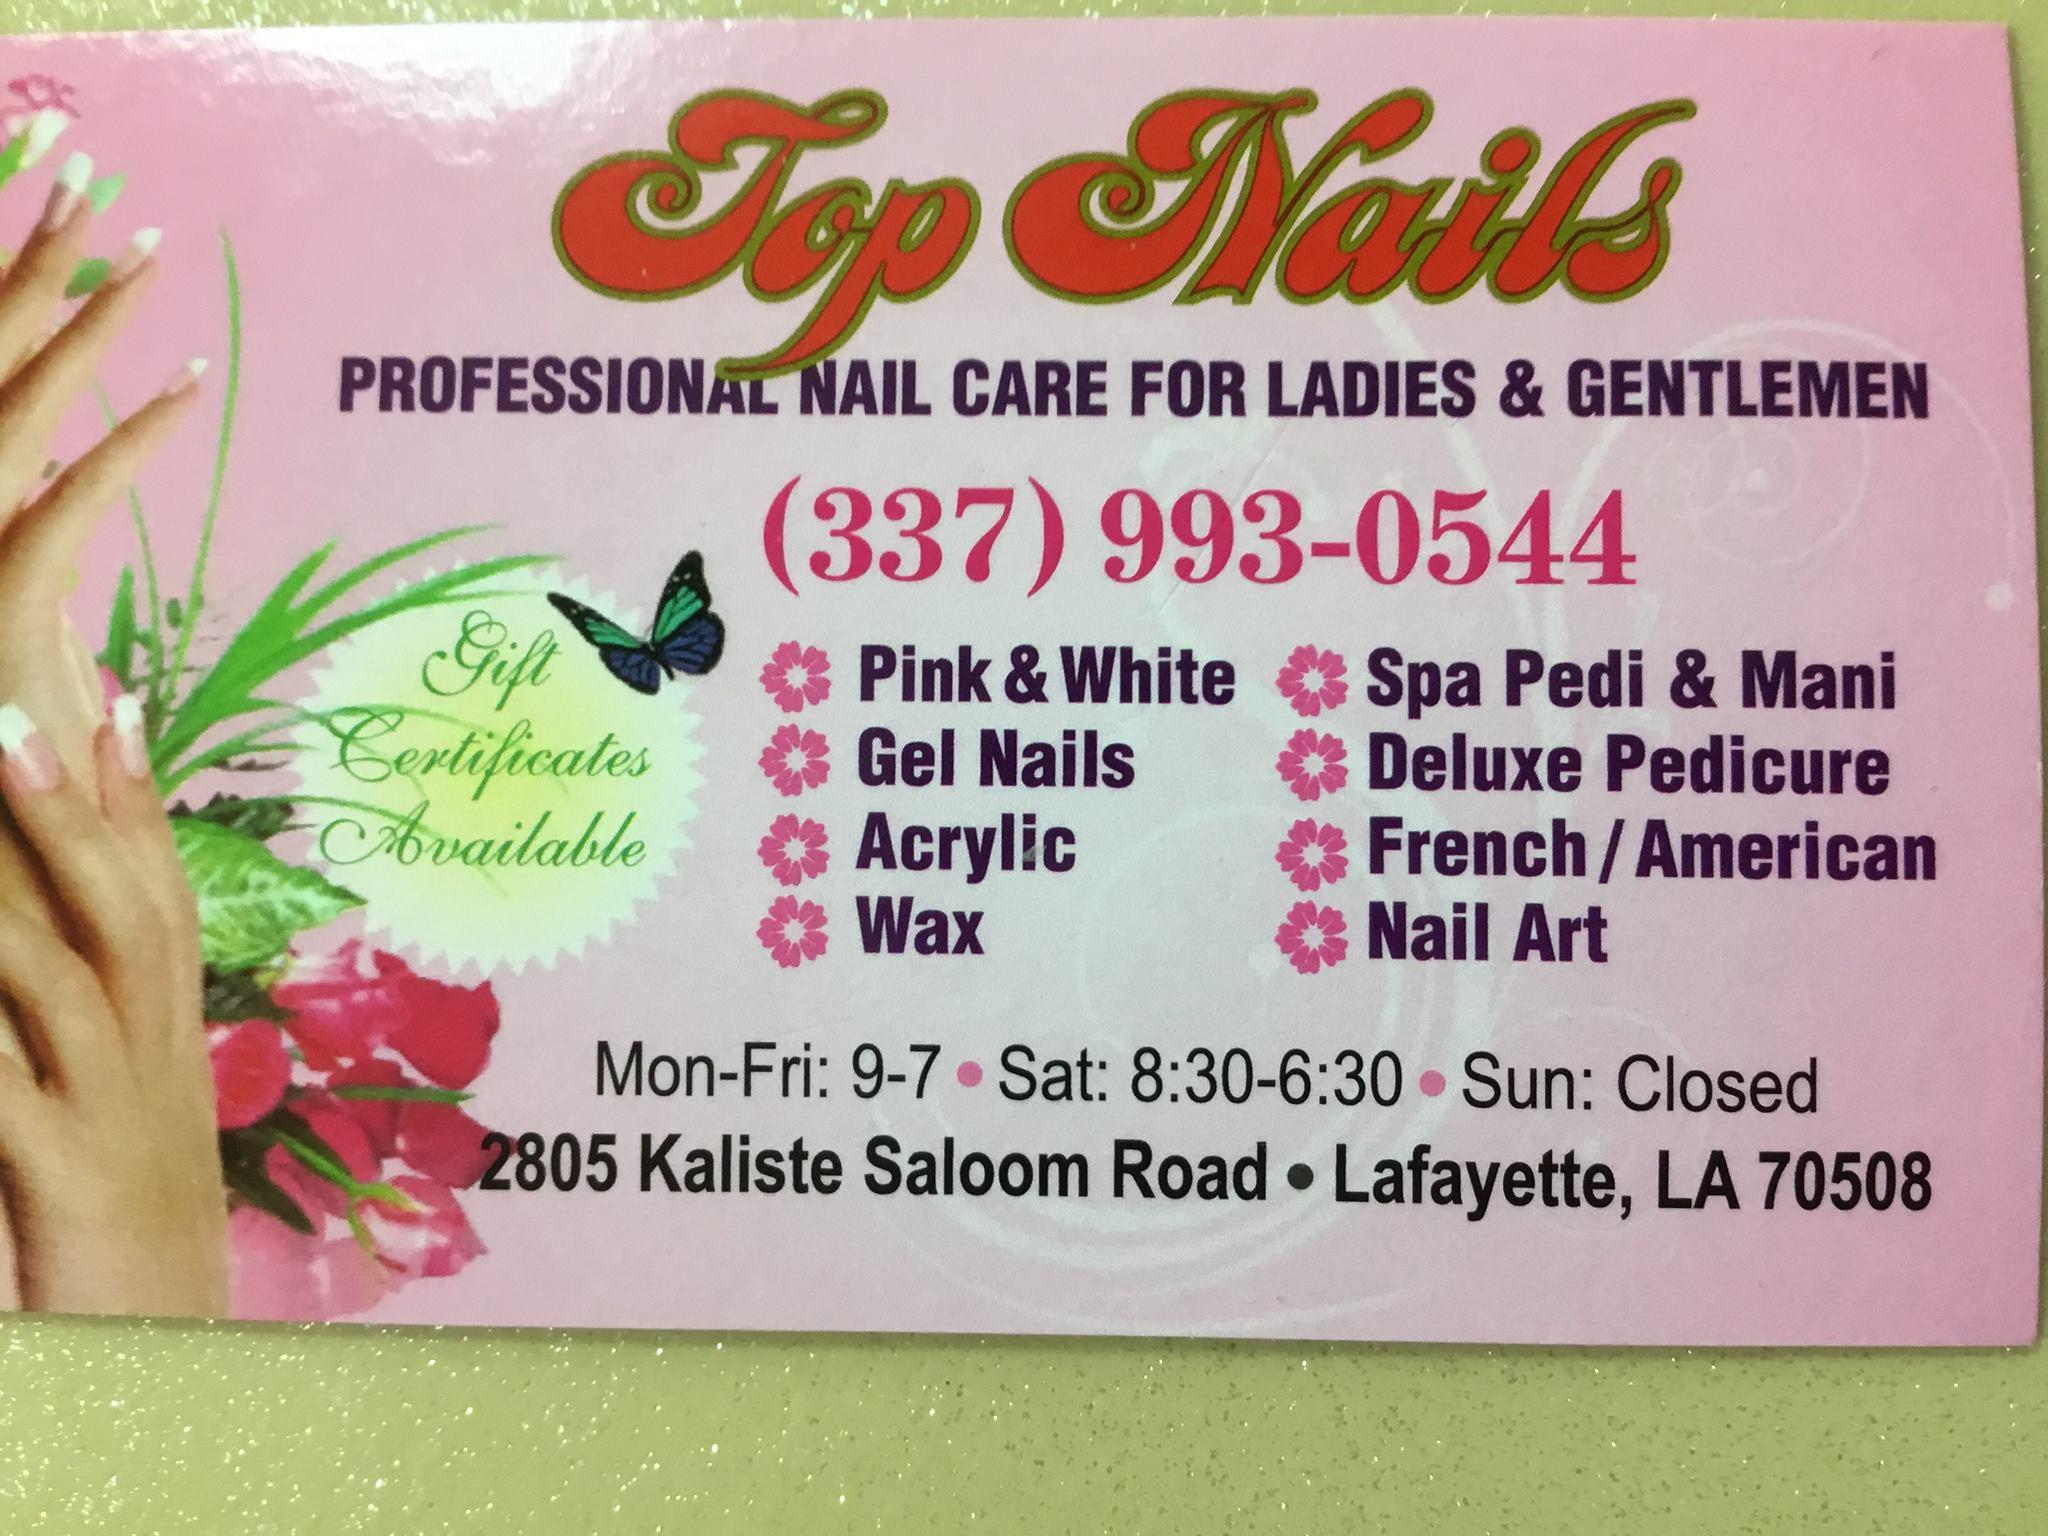 Top Nails 2805 Kaliste Saloom Rd, Lafayette